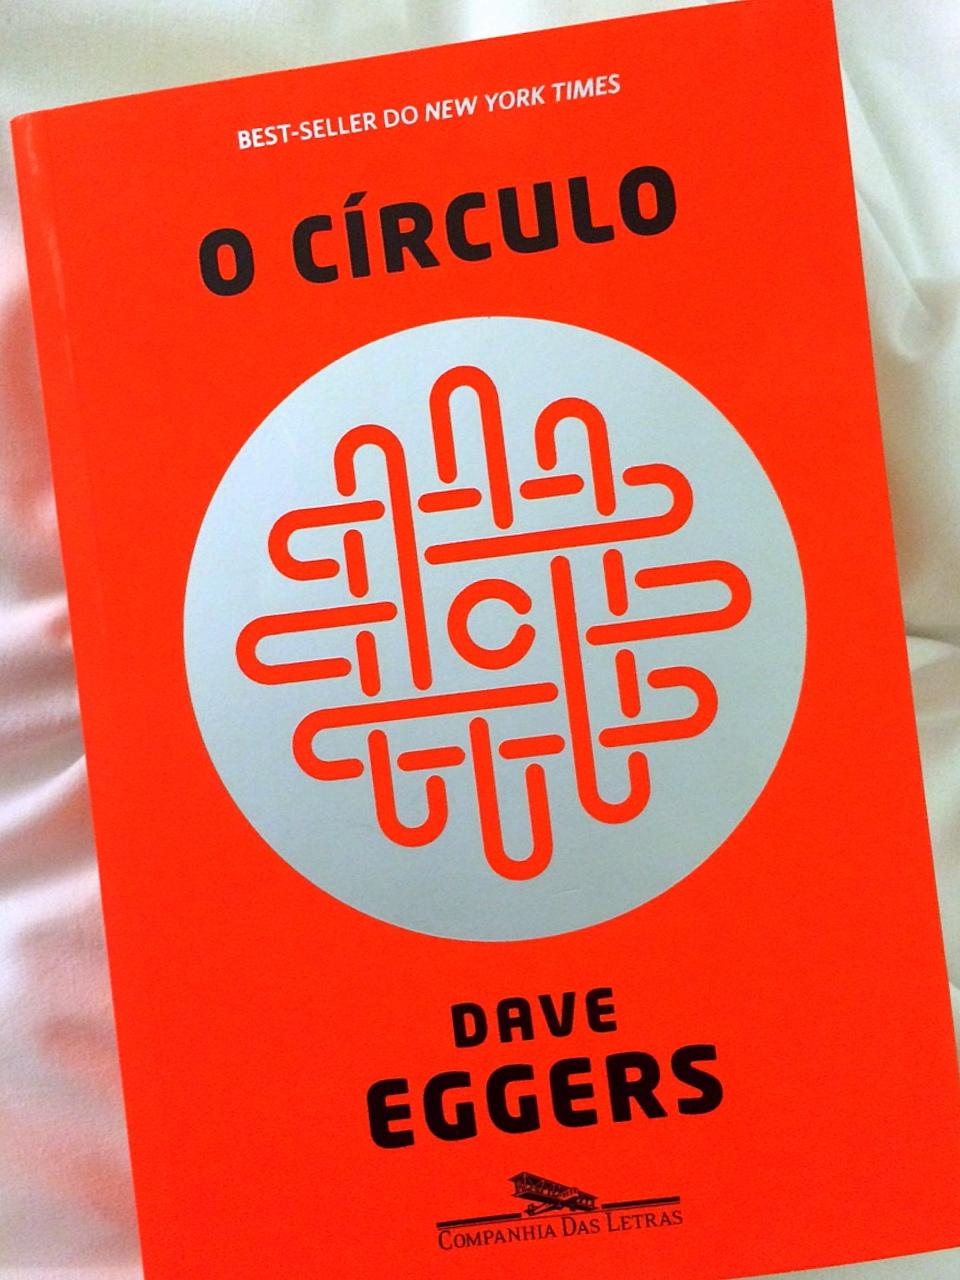 Livro-O-Circulo-Dave-Eggers-Companhia-Das-Letras